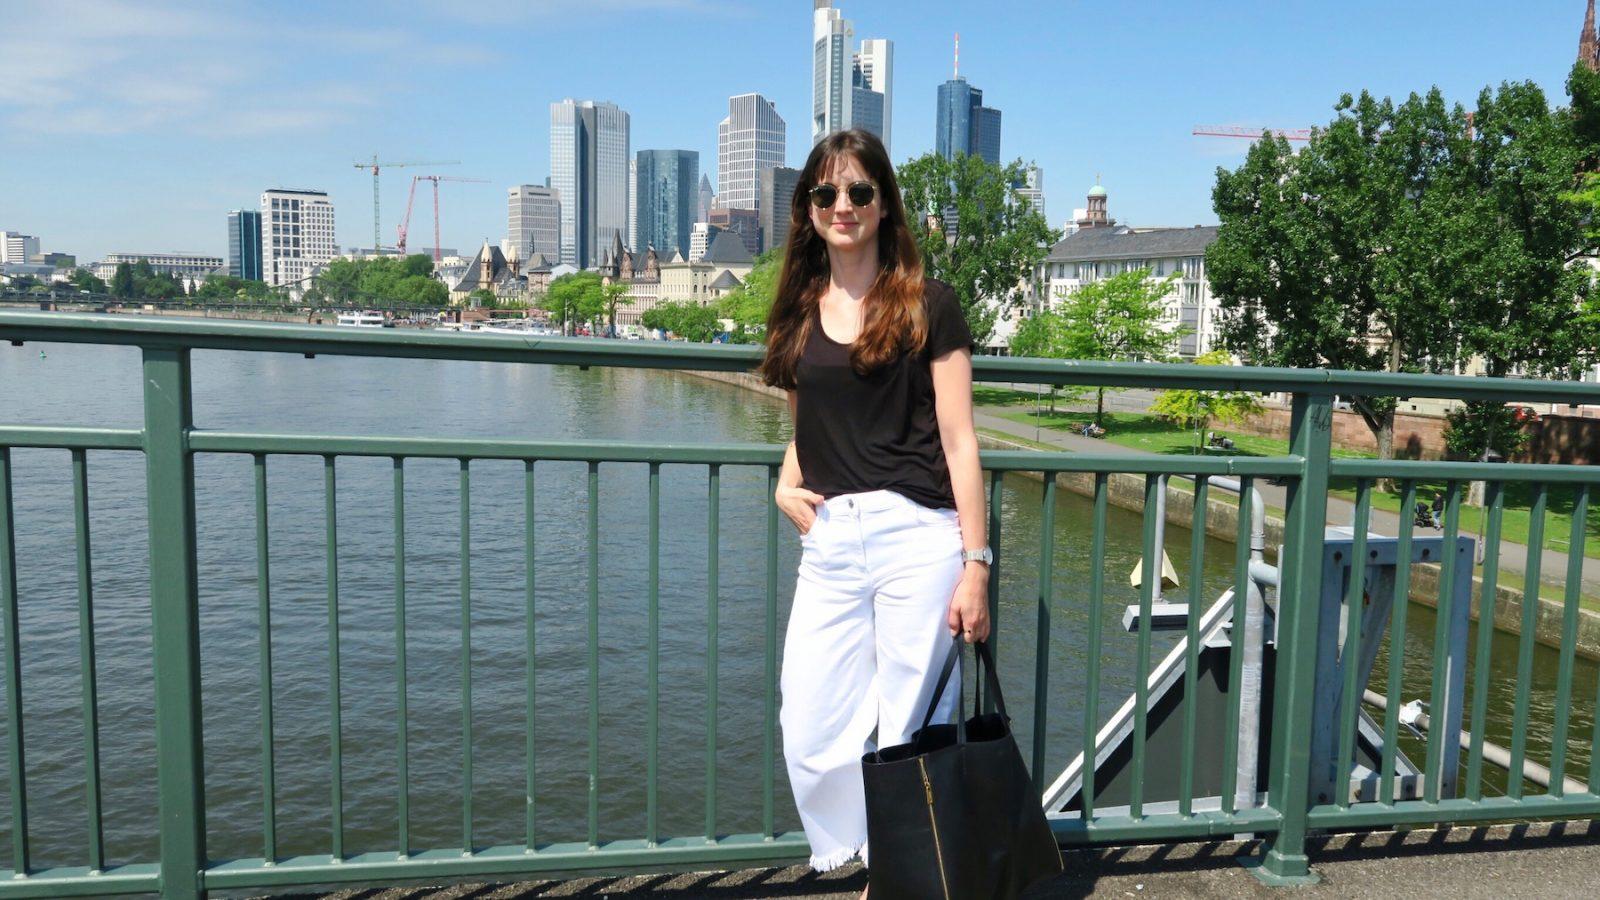 Modeblog Reise nach Frankfurt zum Blogger Workshop ins Radisson Blu